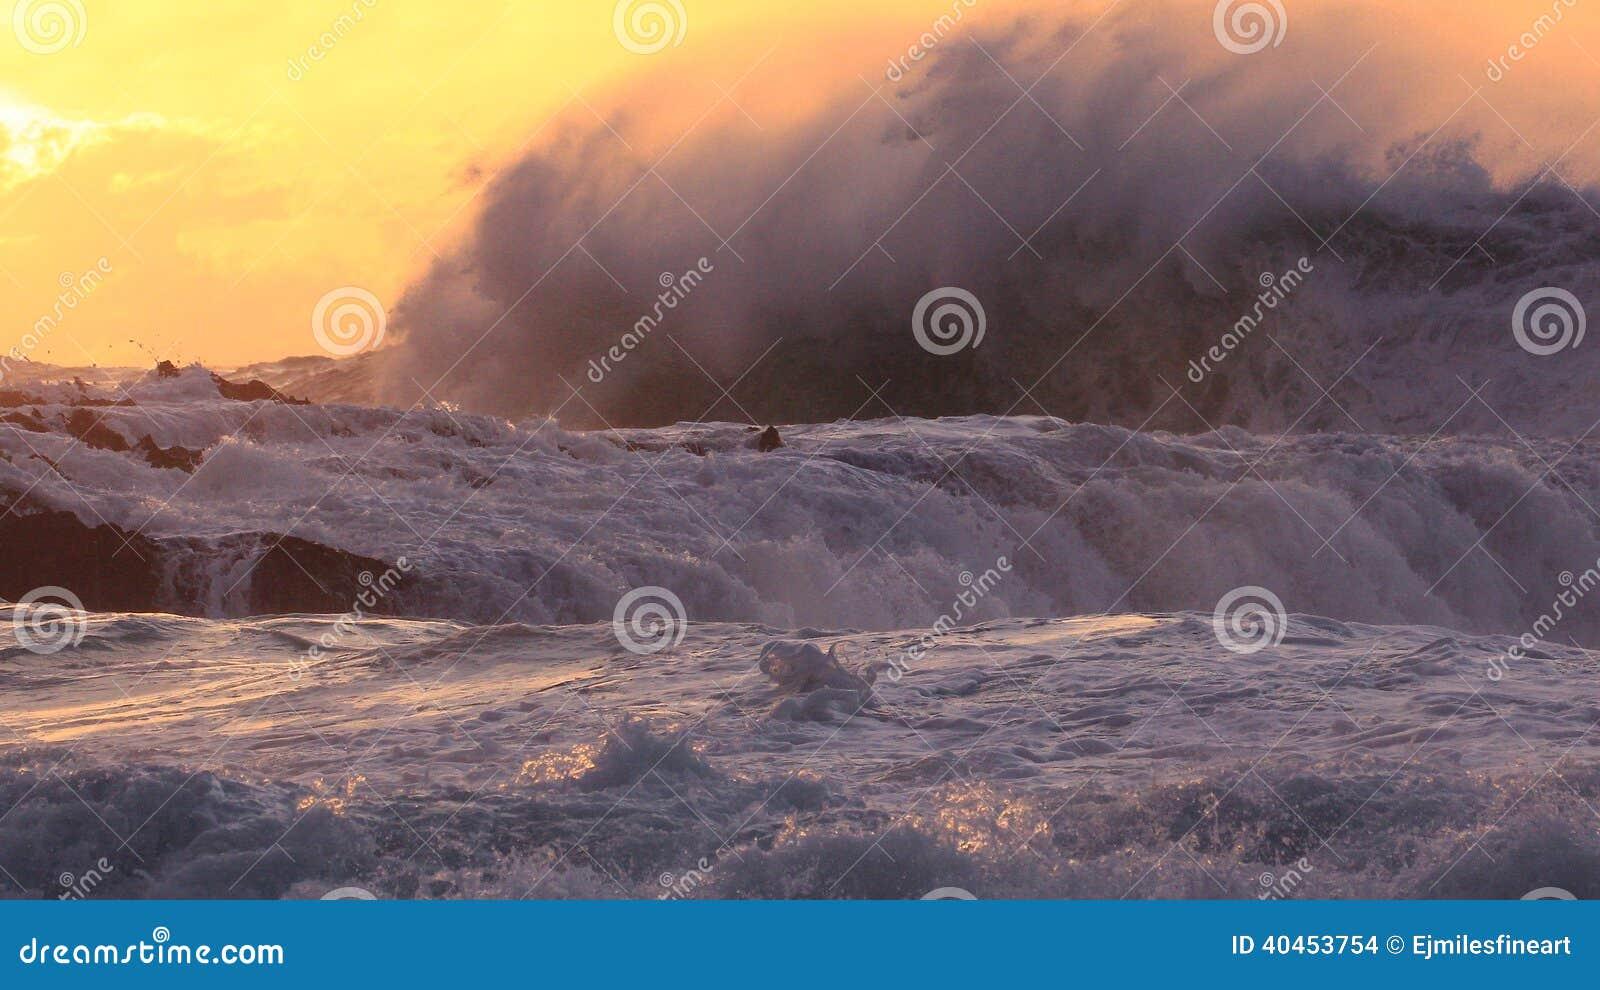 Huge ocean surf crashing over rocks at sunset